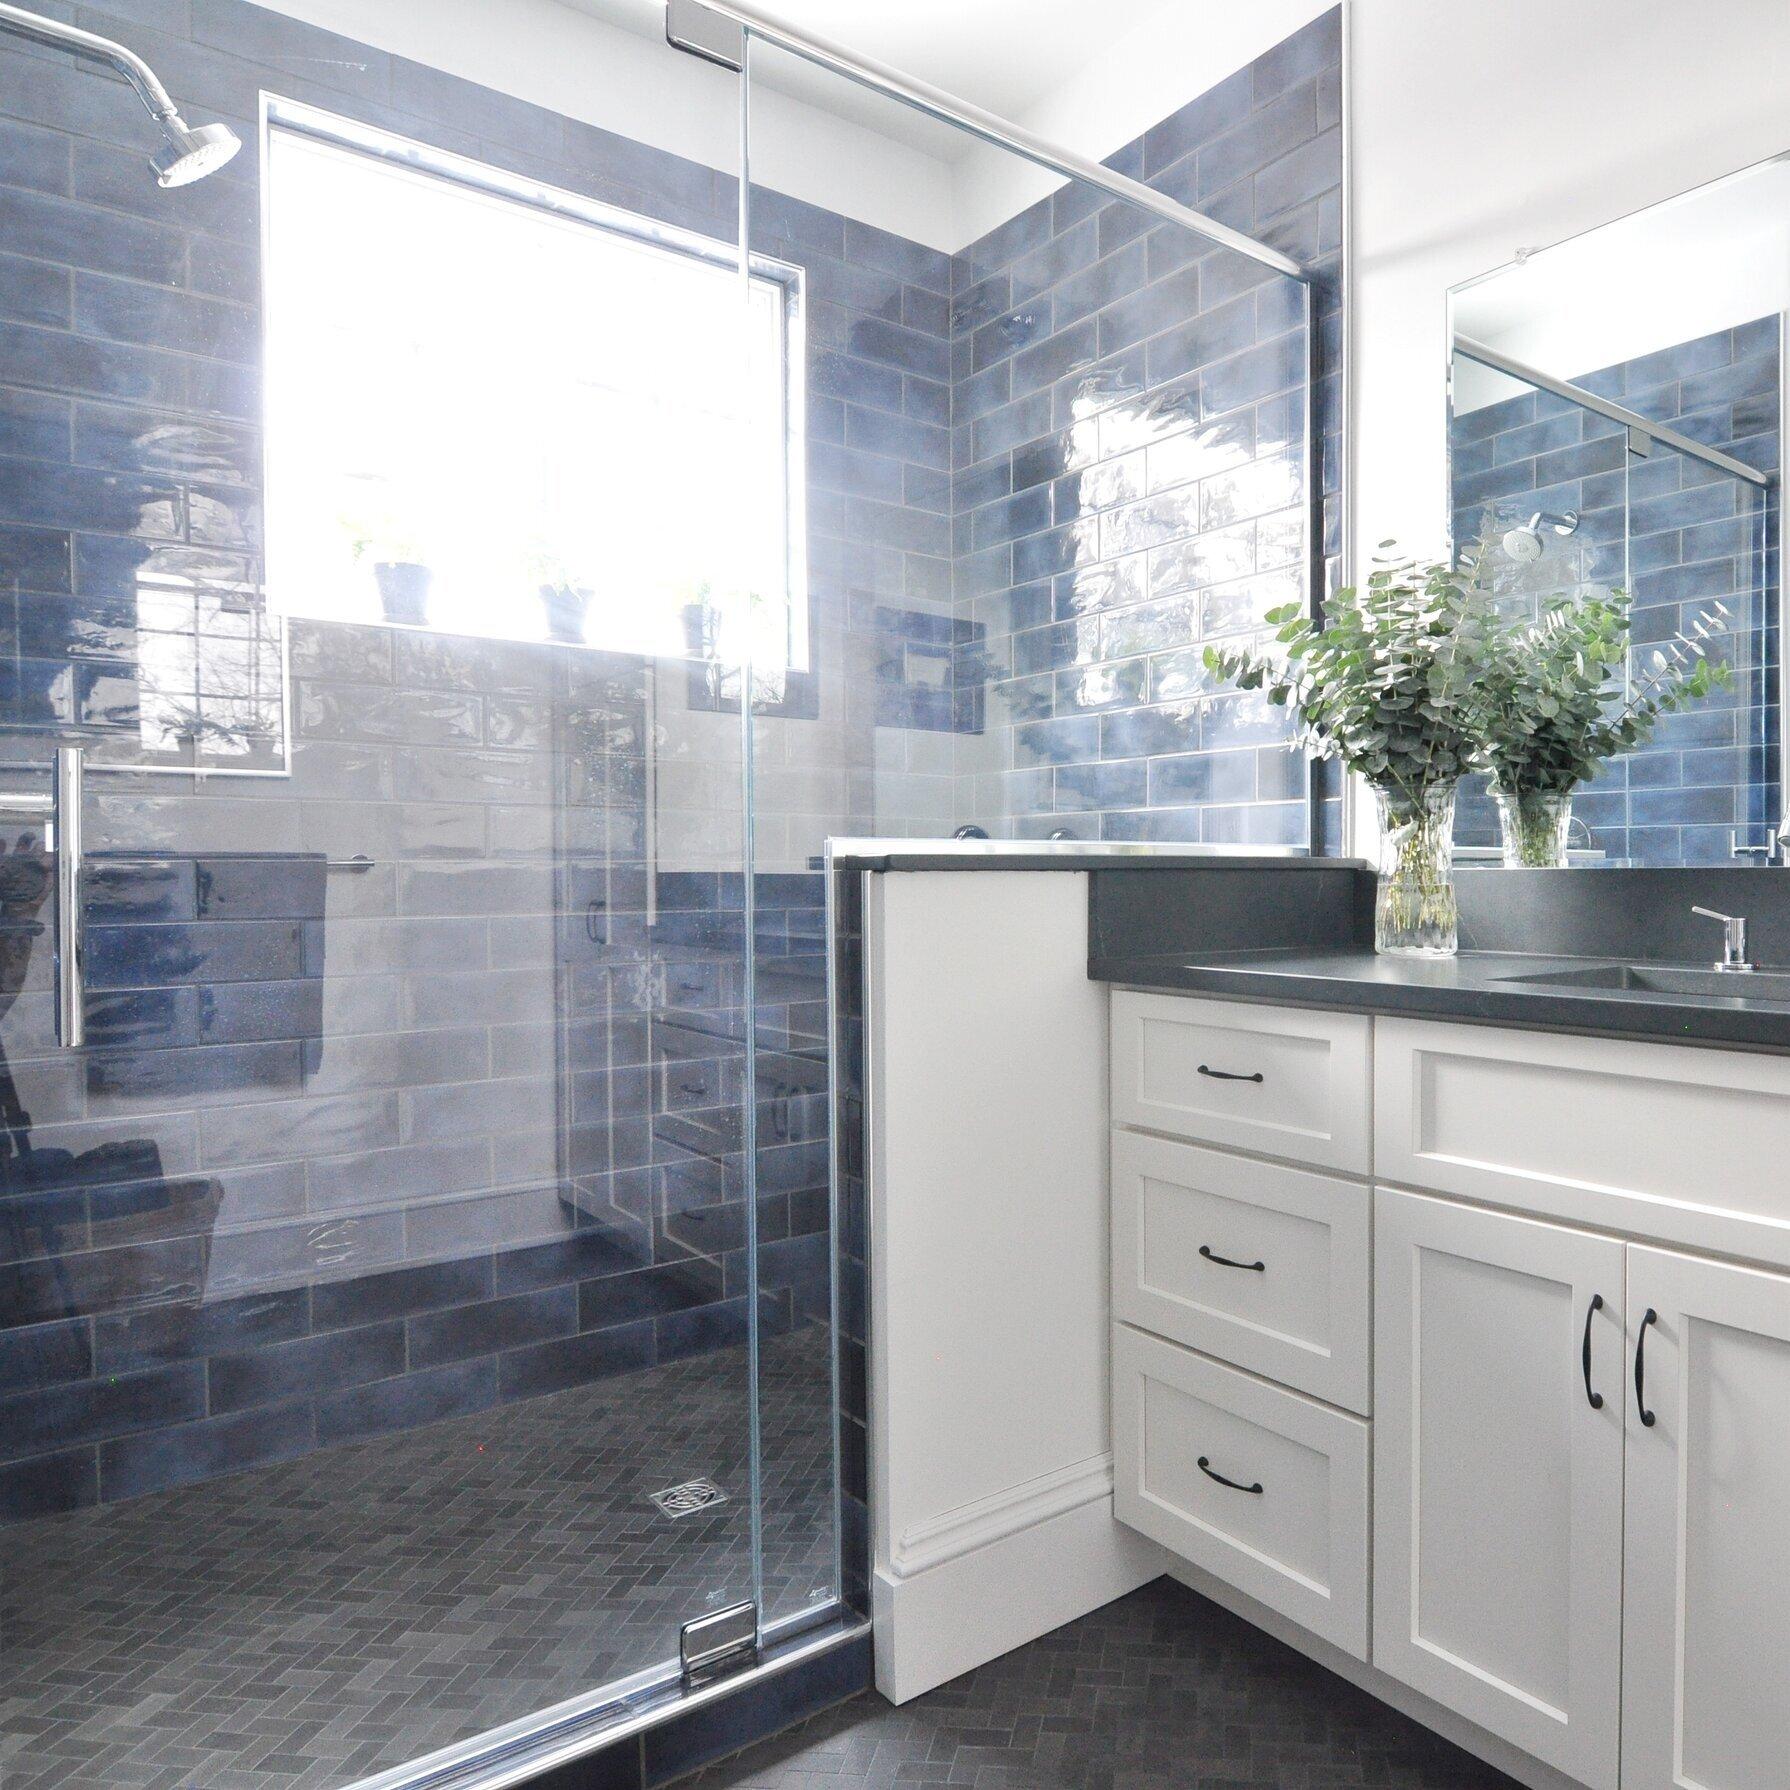 Chesnut Hill - Bathroom Remodel